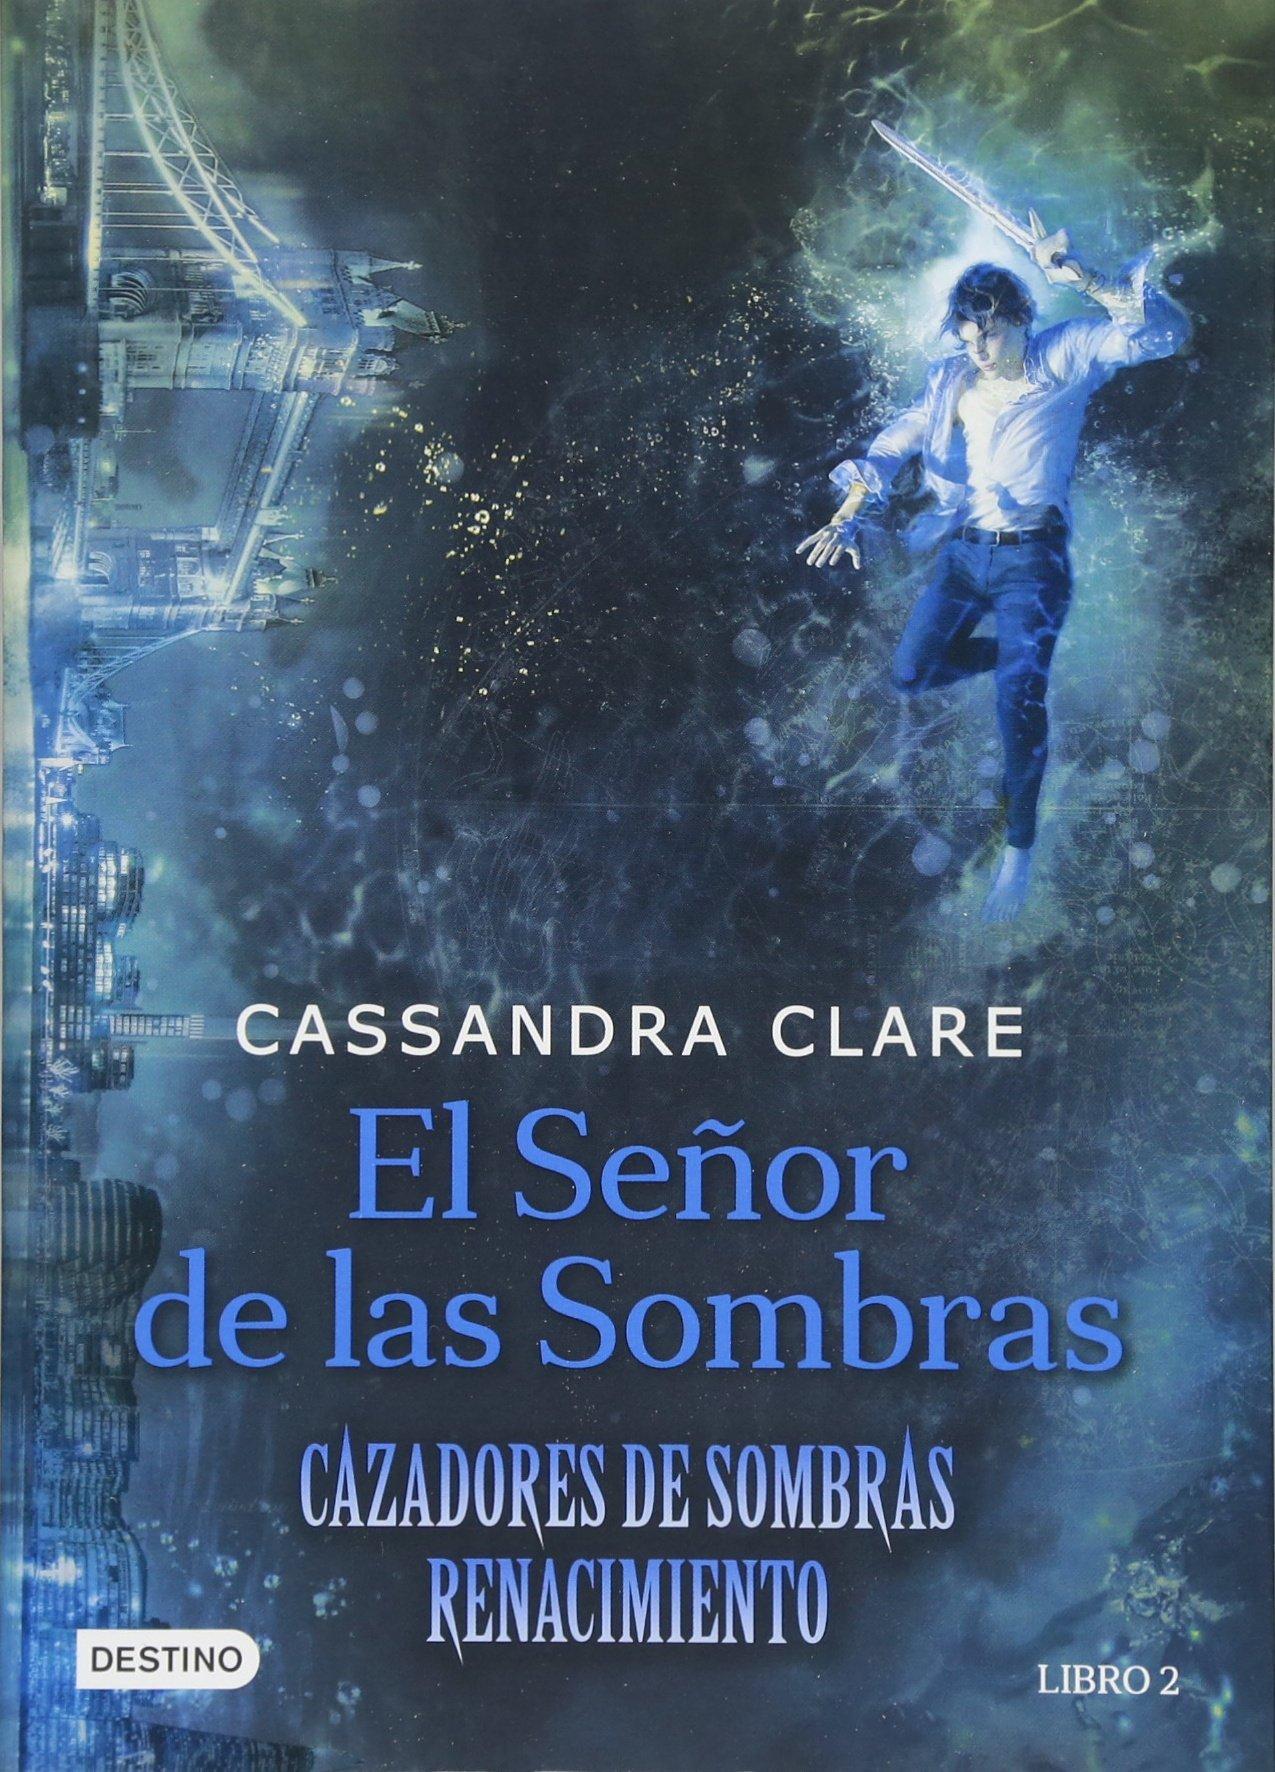 Read Online El Señor de las Sombras (Cazadores de Sombras) (Spanish Edition) PDF